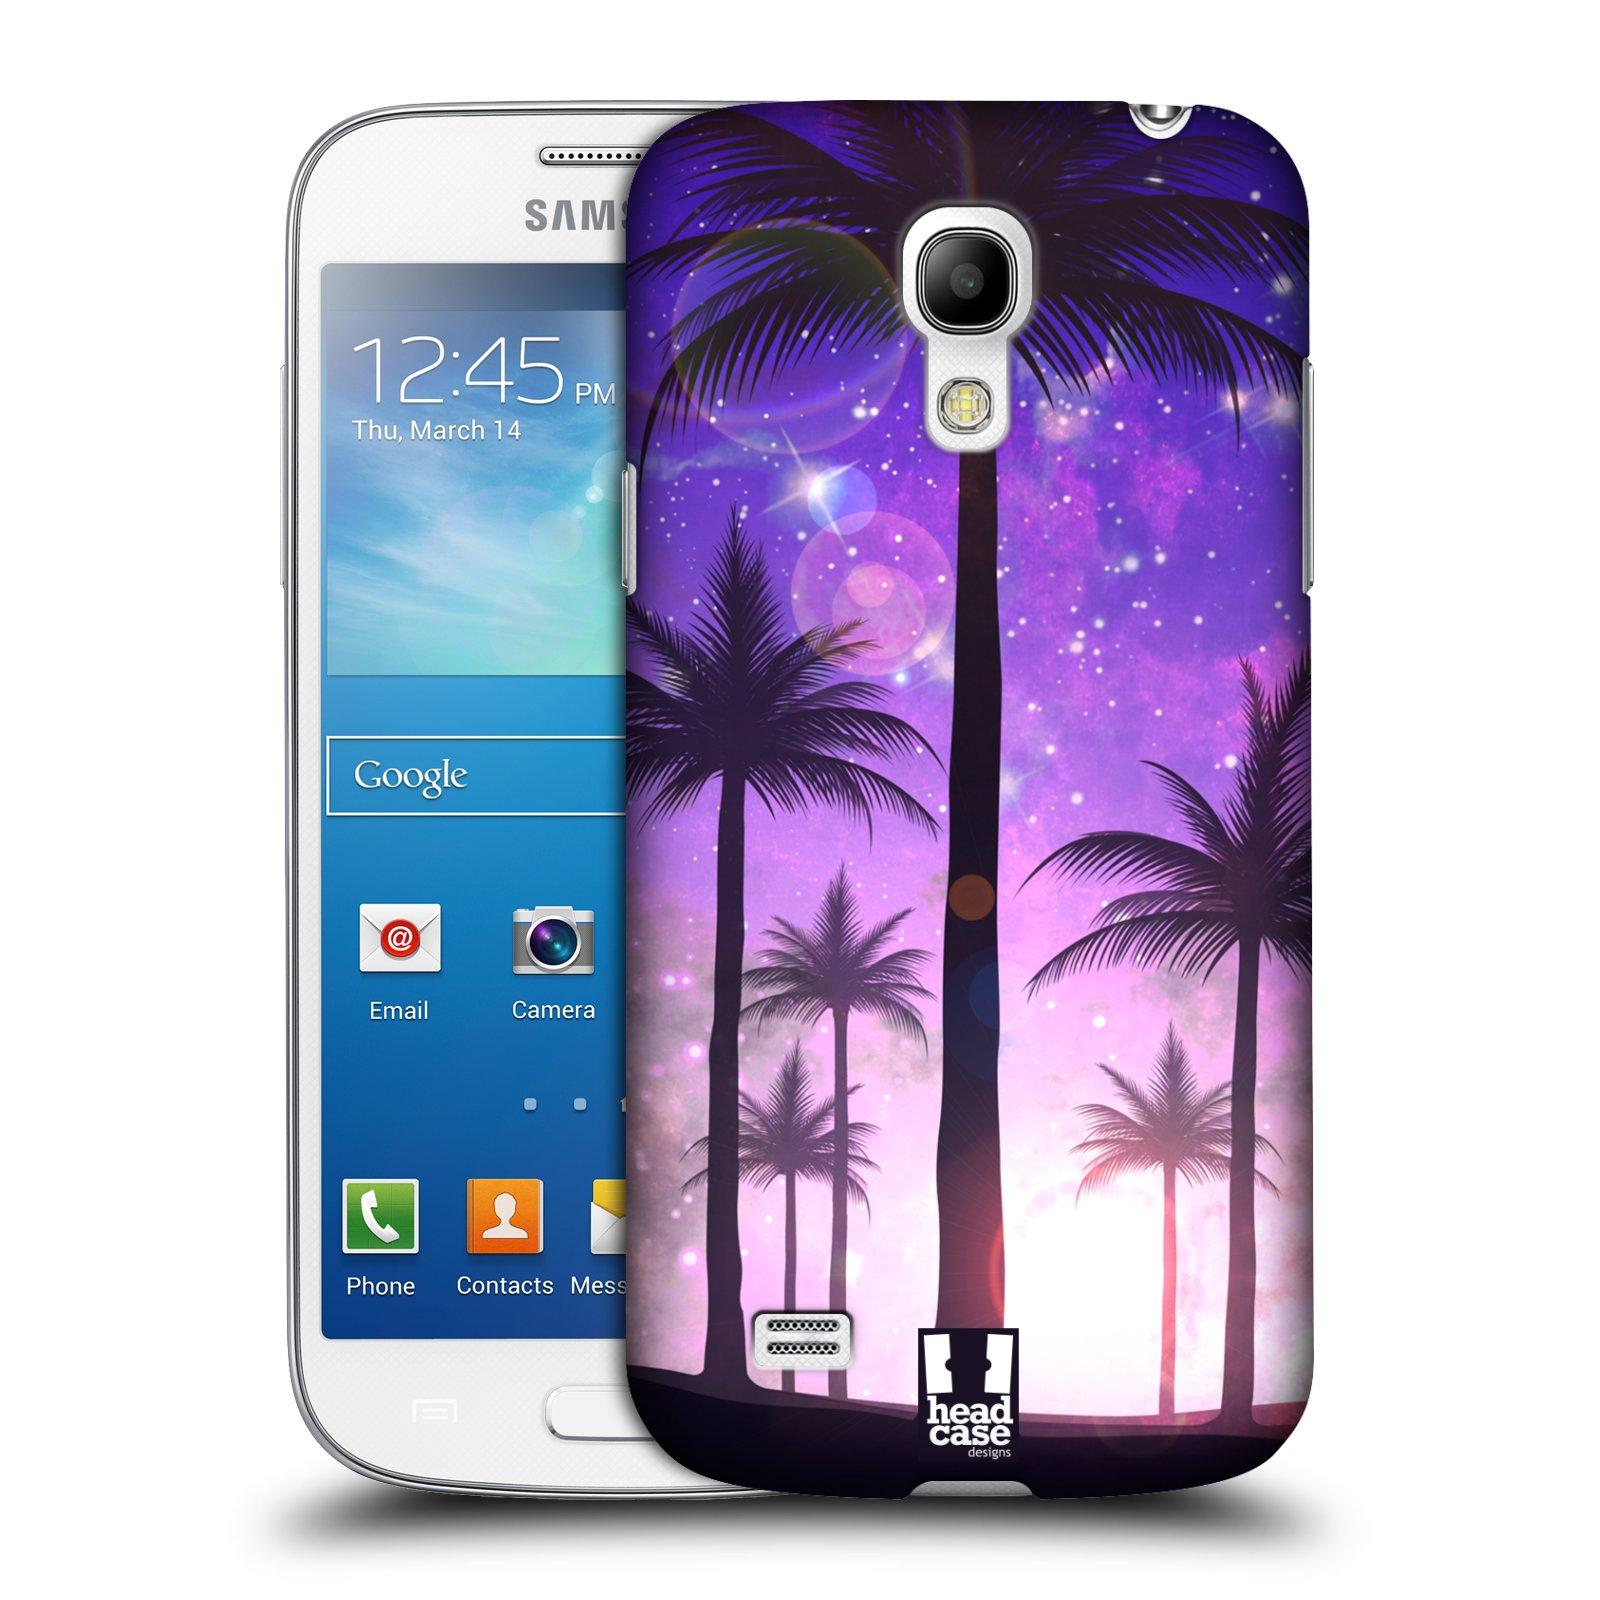 HEAD CASE plastový obal na mobil SAMSUNG Galaxy S4 MINI / S4 MINI VE (i9190, i9195i, i9195) vzor Kreslený motiv silueta moře a palmy FIALOVÁ